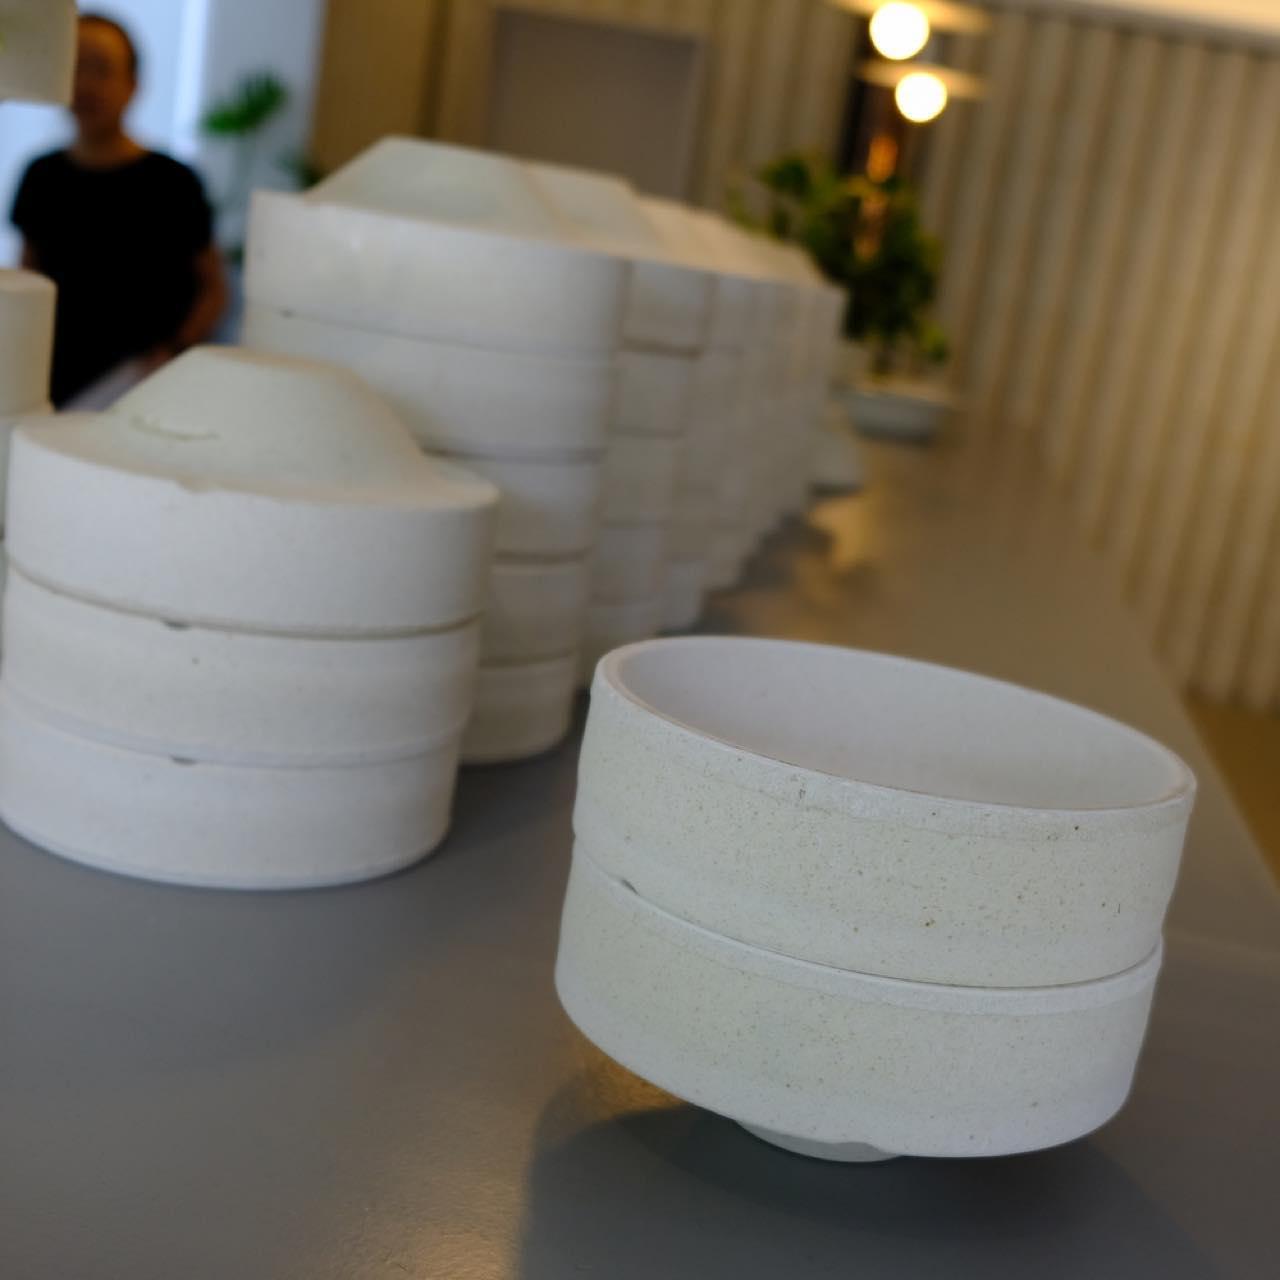 画像: 「匣鉢」は「さや」とも呼ばれ、器を焼くときに匣鉢に入れ重ねることで効率よく積み上げて焼くことが出来る入れ物です。